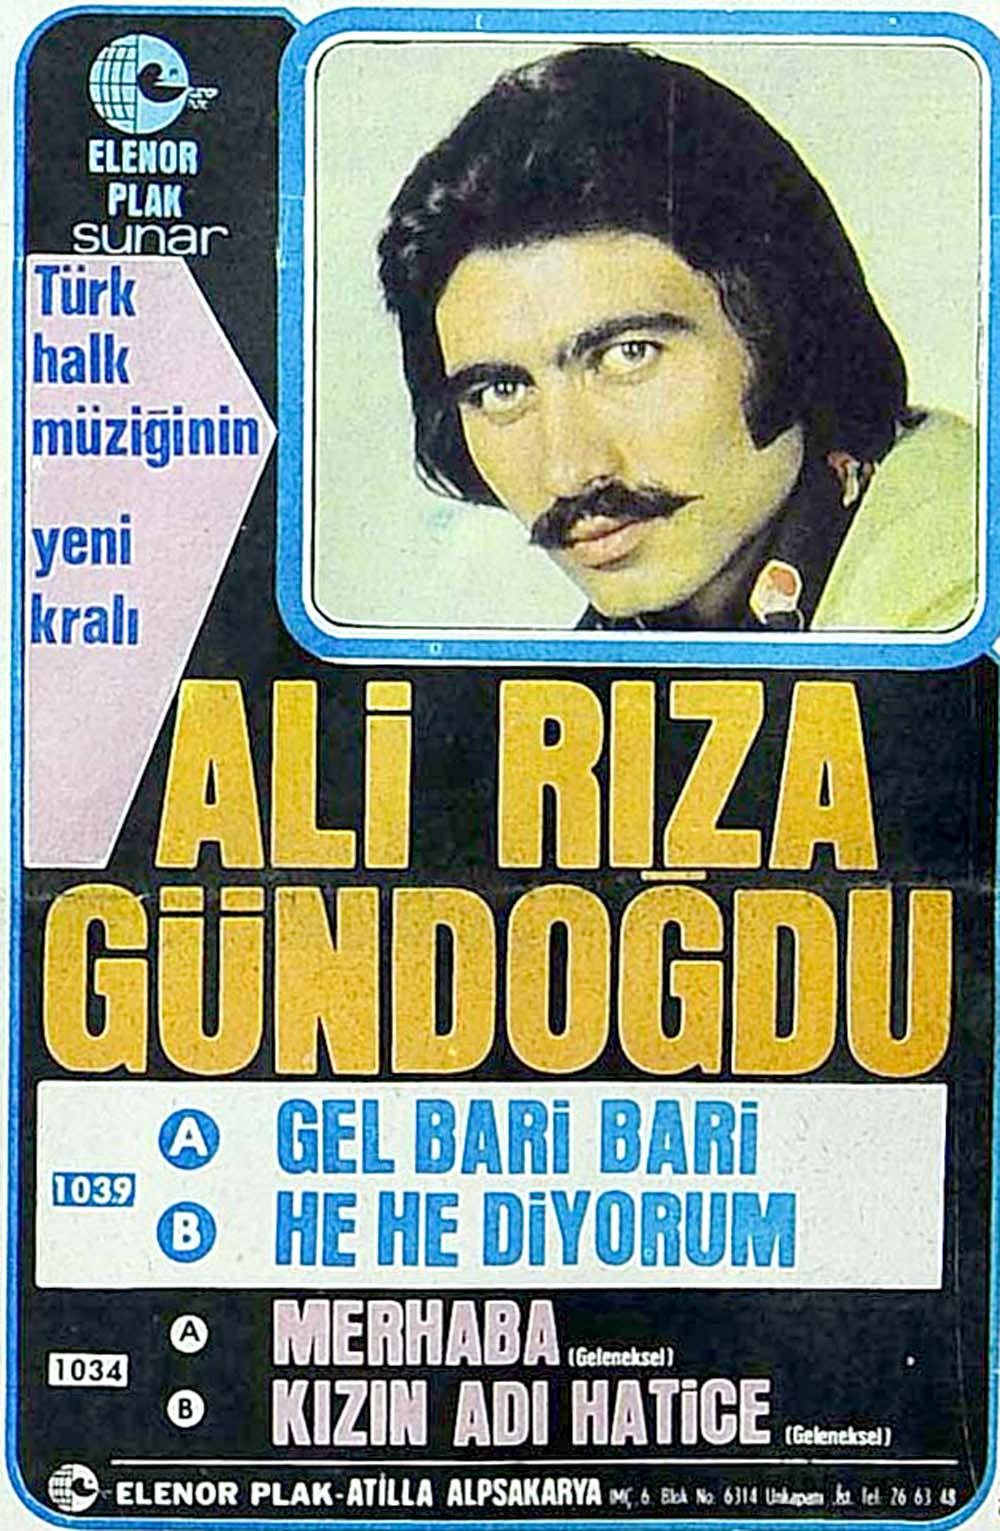 Türk halk müziğinin yeni kralı: Ali Rıza Gündoğdu